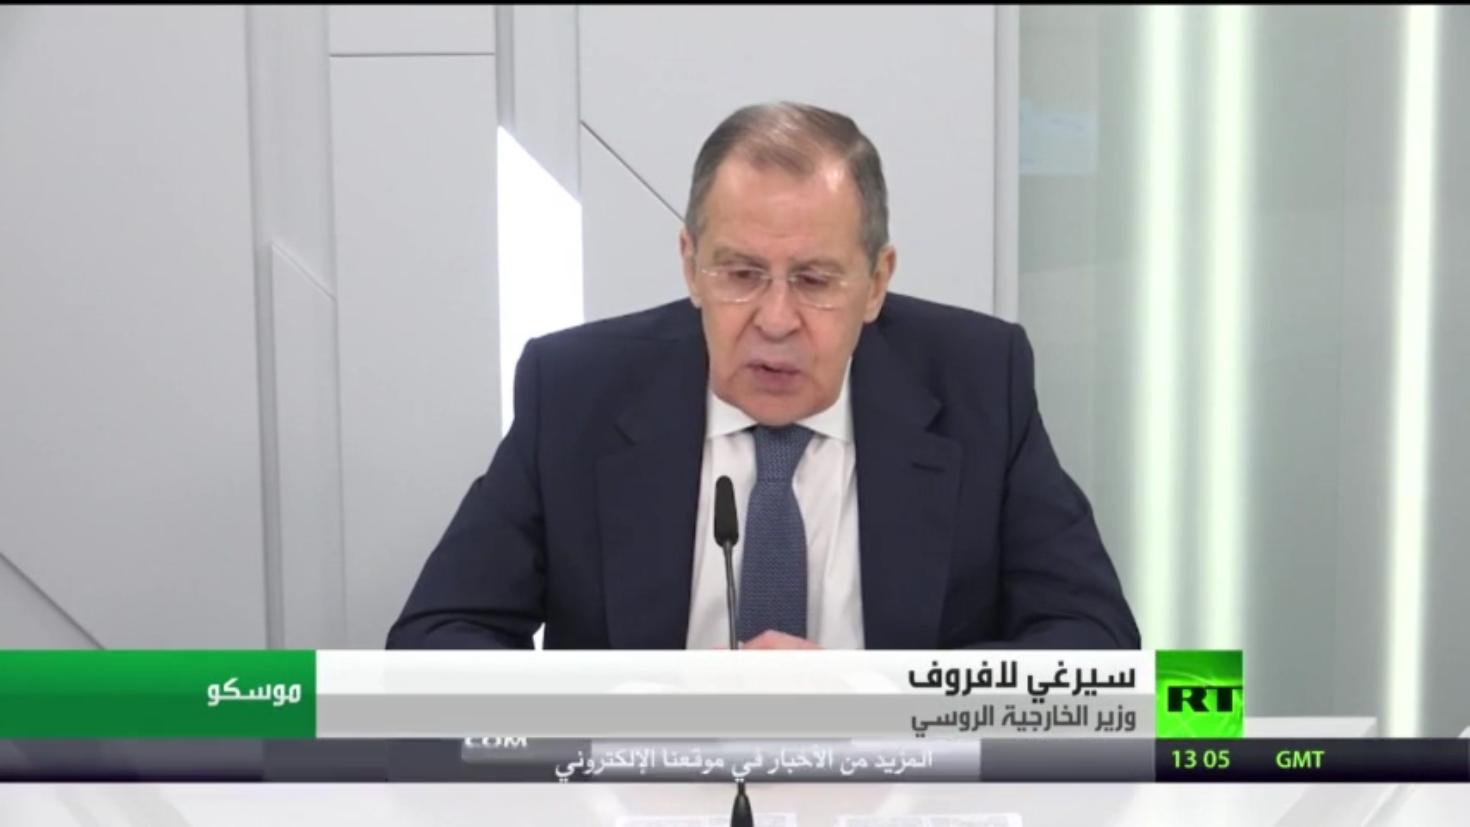 لافروف: هناك تطورات إيجابية في ليبيا